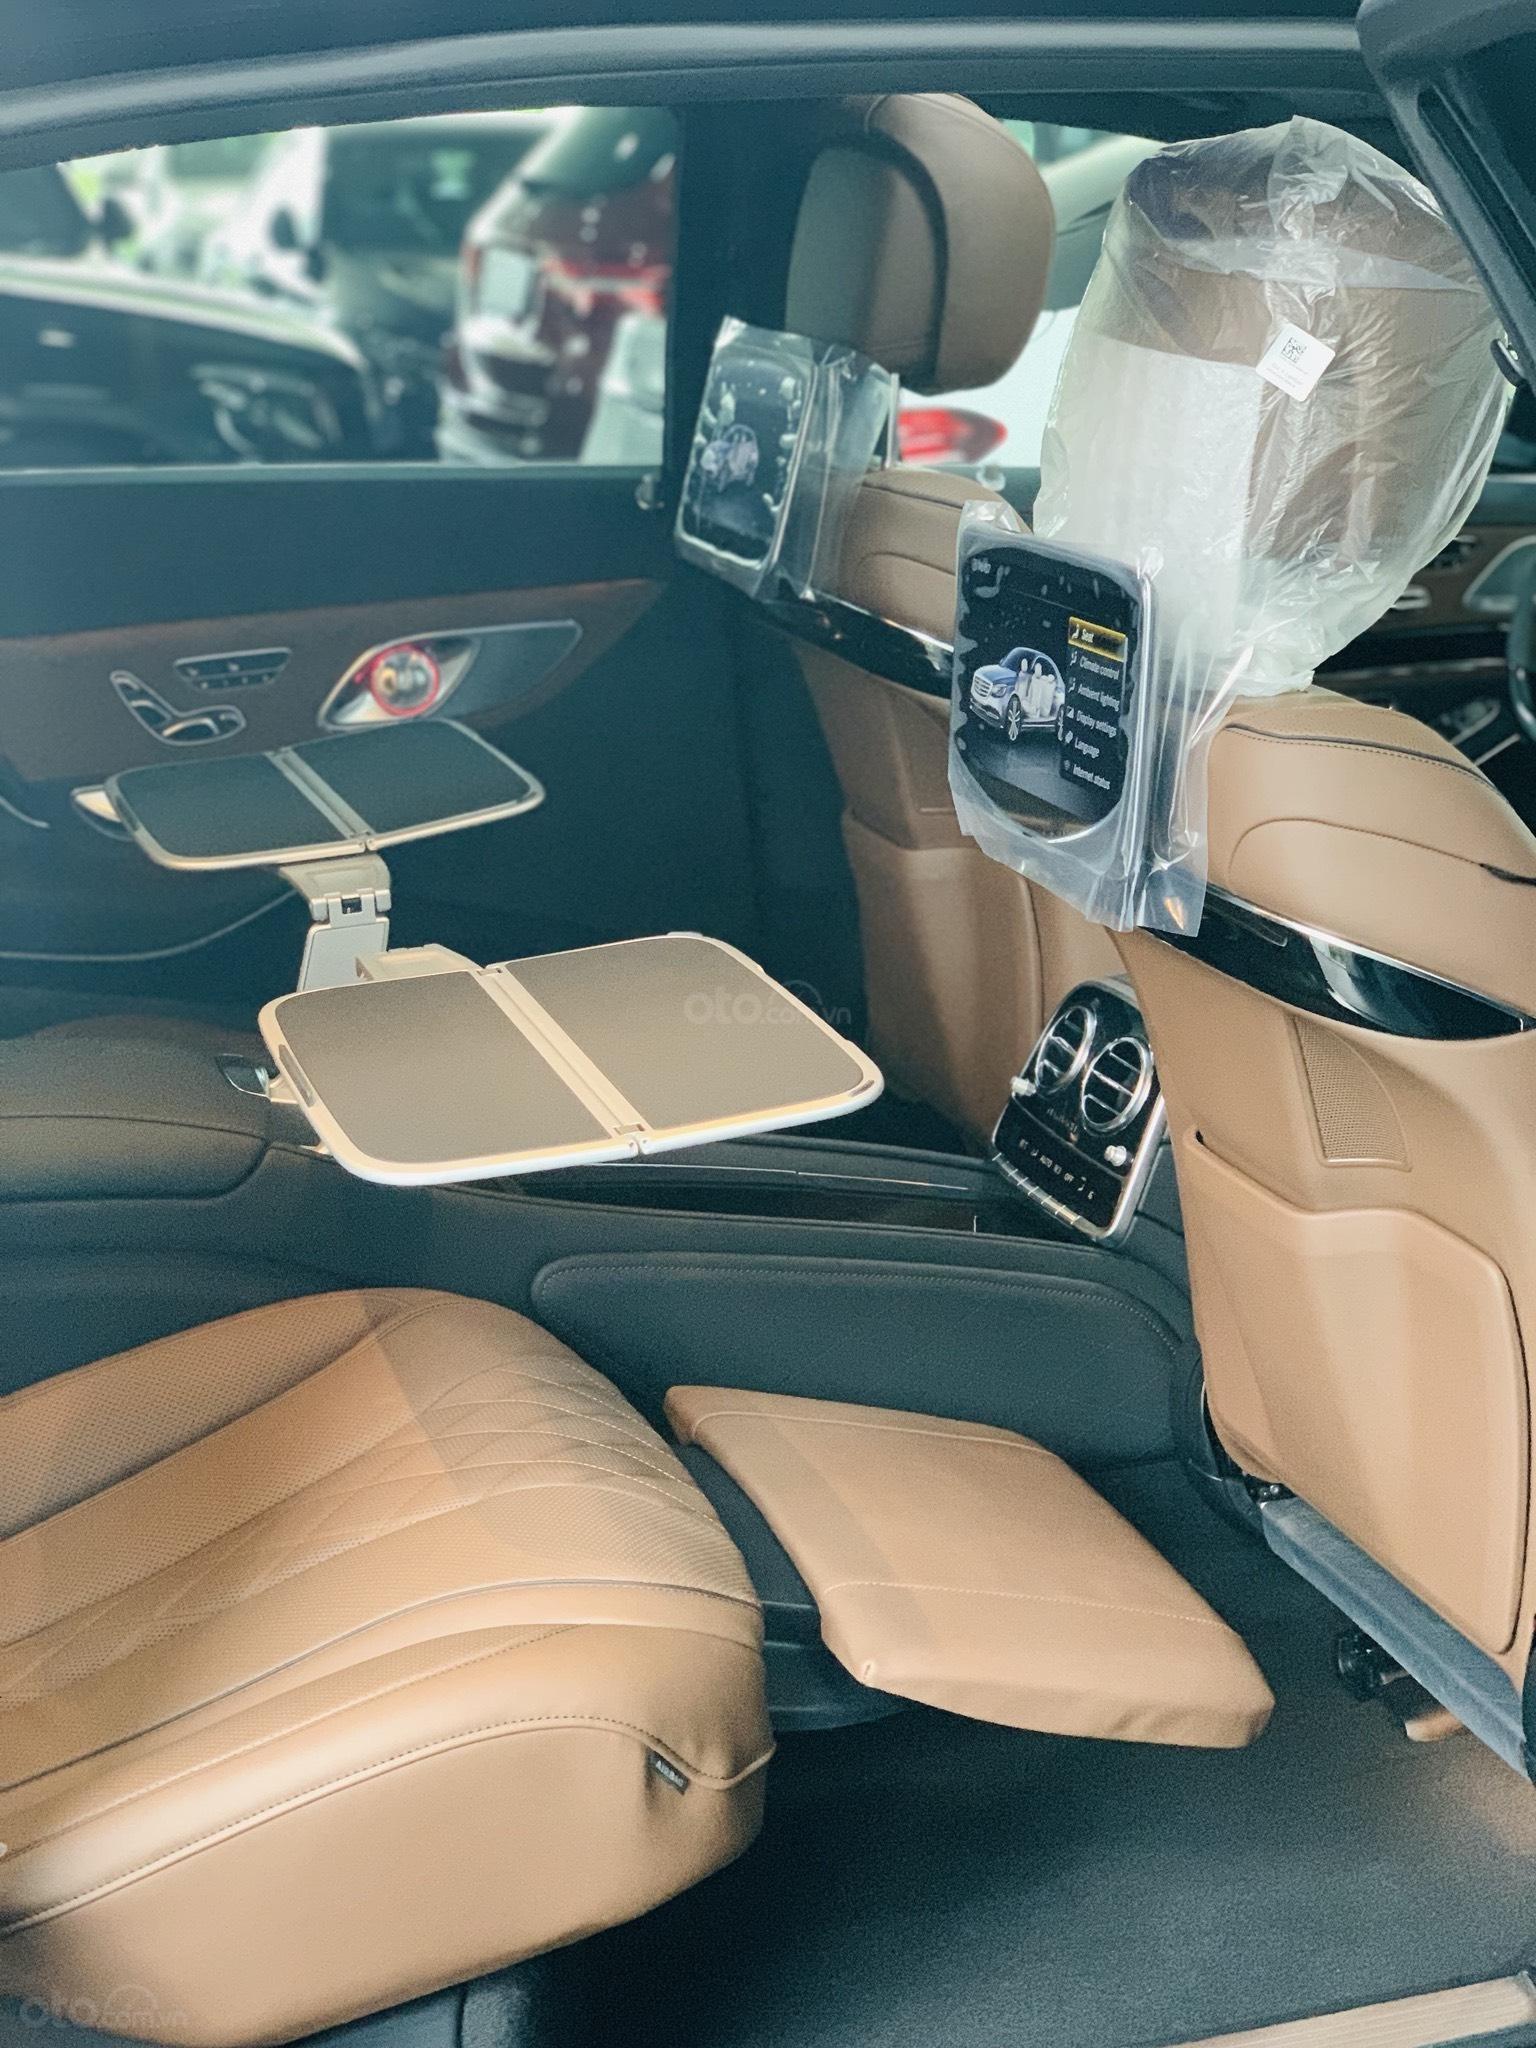 Cơ hội để sở hữu xe Maybach S450 model 2020 với giá bán tốt nhất ngay thời điểm này (11)